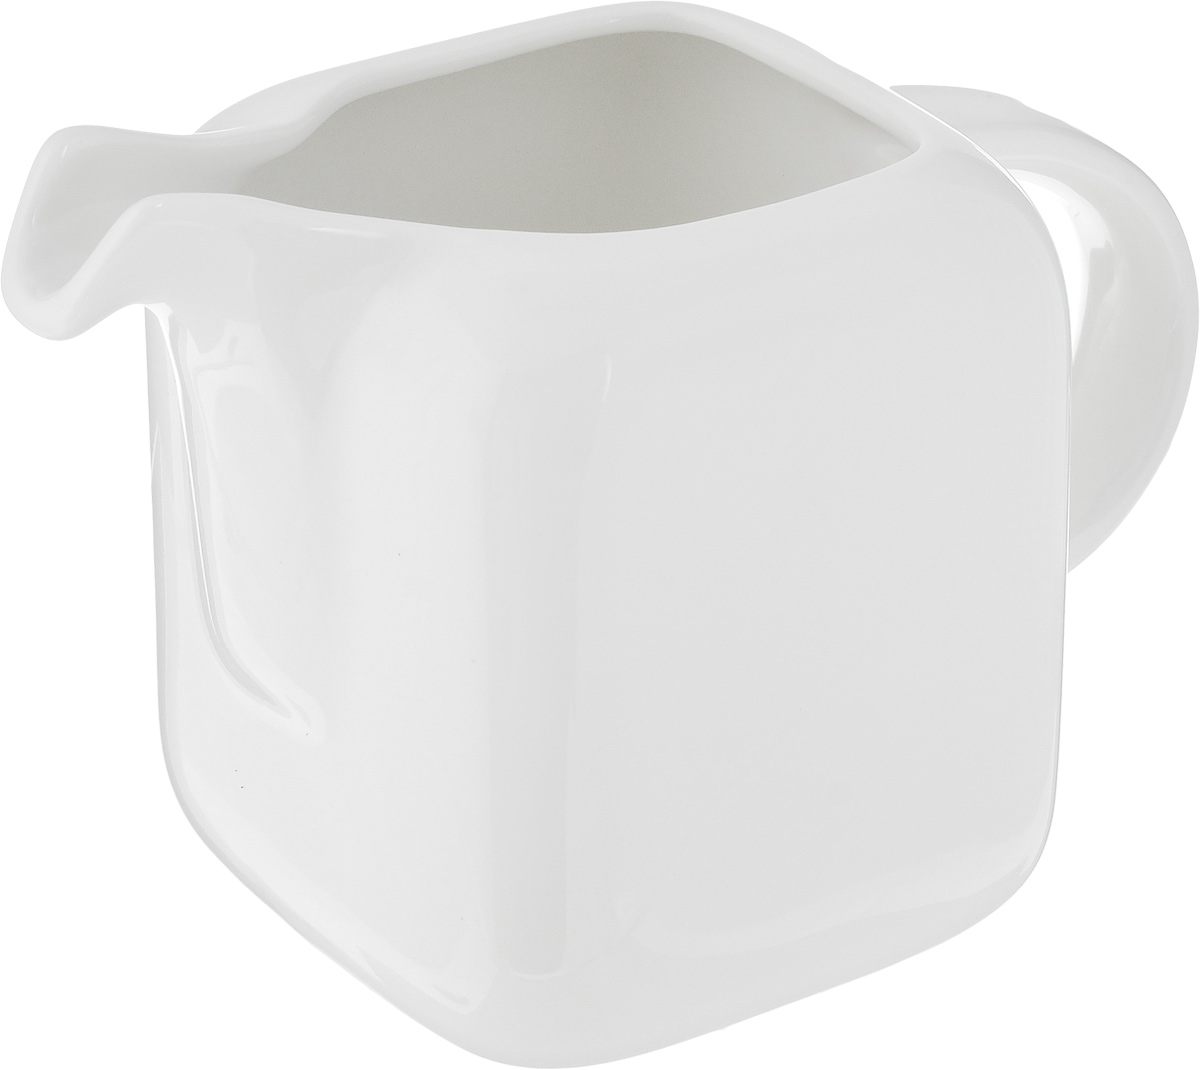 Молочник Ariane Vital Square, 250 млAVSARN64025Молочник Ariane Vital Square изготовлен из высококачественного фарфора с глазурованным покрытием. Изделие предназначено для сервировки сливок или молока. Такой молочник отлично подойдет как для праздничного чаепития, так и для повседневного использования. Изделие функциональное, практичное и легкое в уходе. Можно мыть в посудомоечной машине и использовать в СВЧ.Размер молочника (по верхнему краю): 5 х 5 см.Диаметр основания: 8 см.Высота: 10 см.